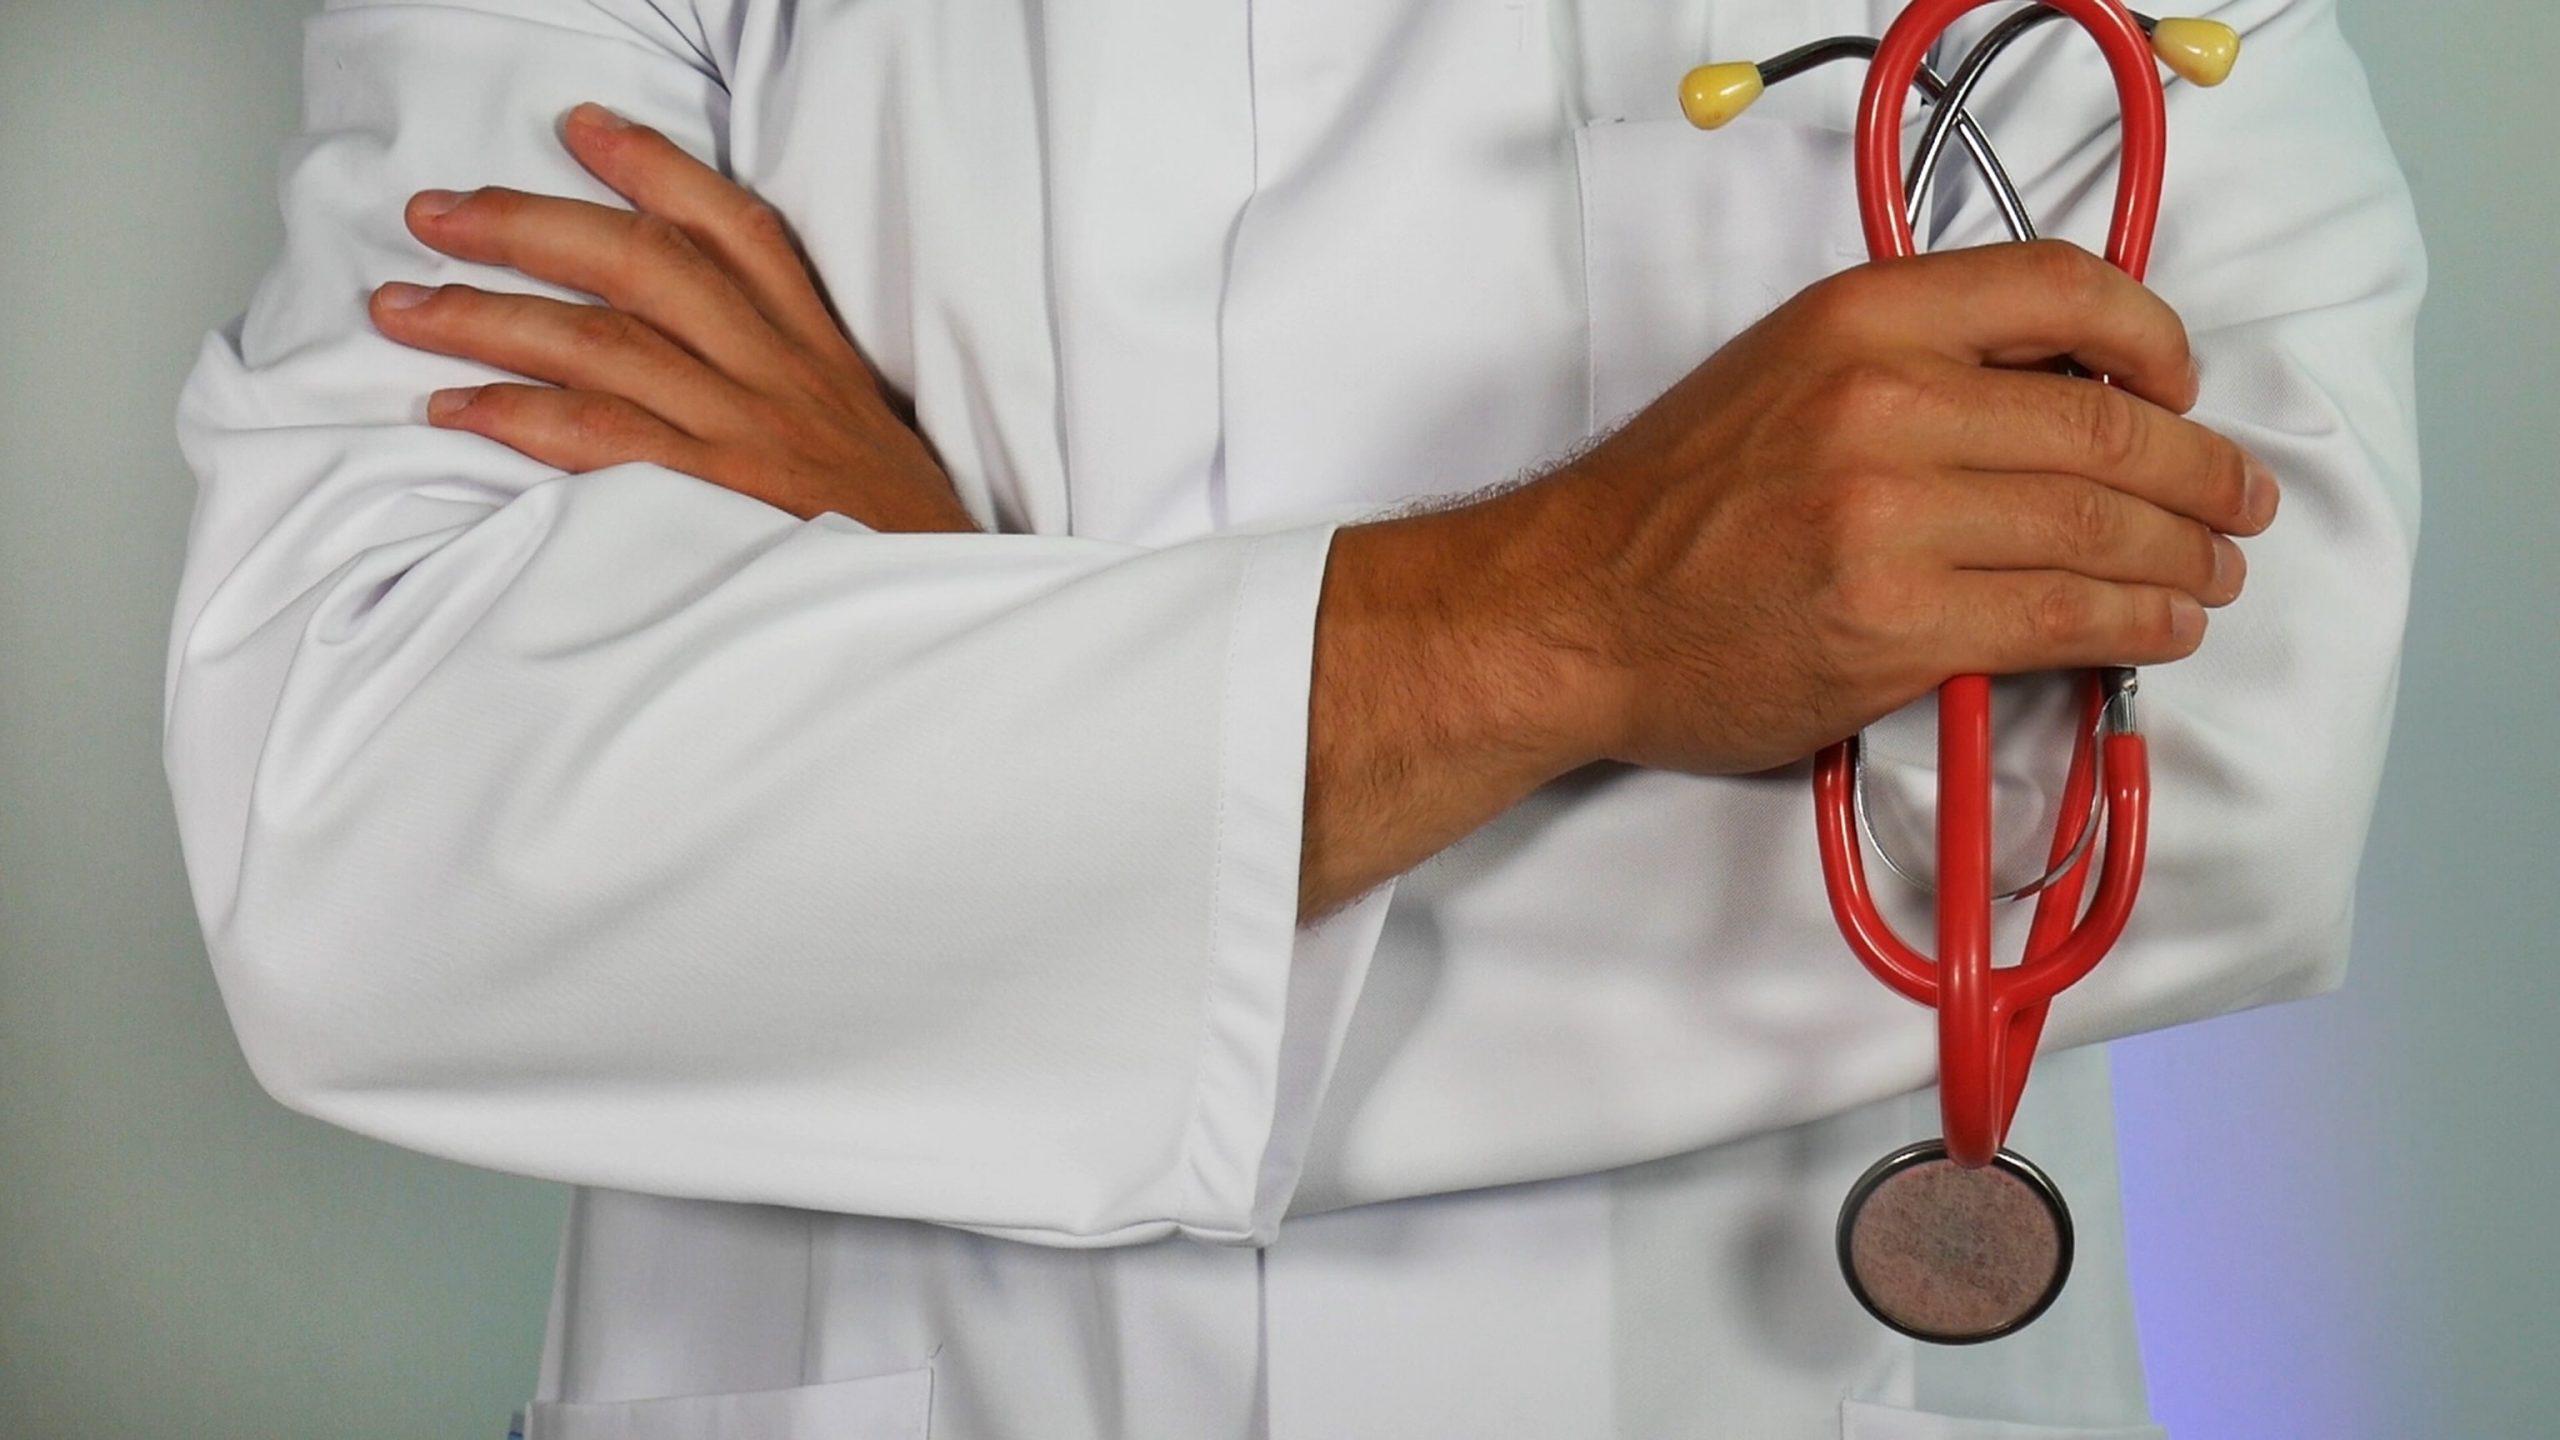 هل يعد الكركمين بخصائصه وفوائده الغنية بديلًا عن الأدوية التي يصفها الطبيب؟